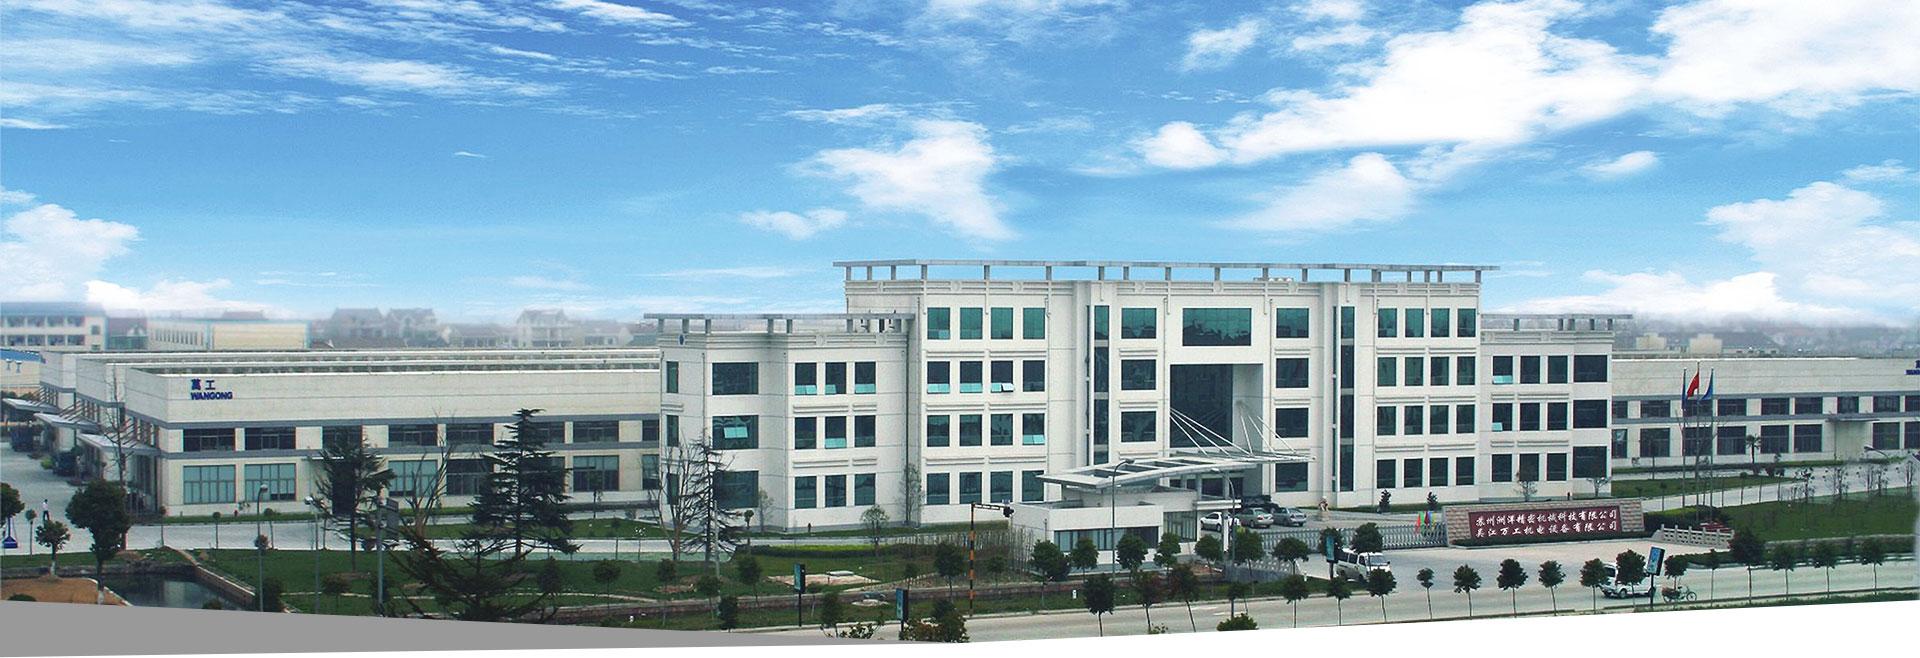 JiangSu Wanggong workers Technology Group